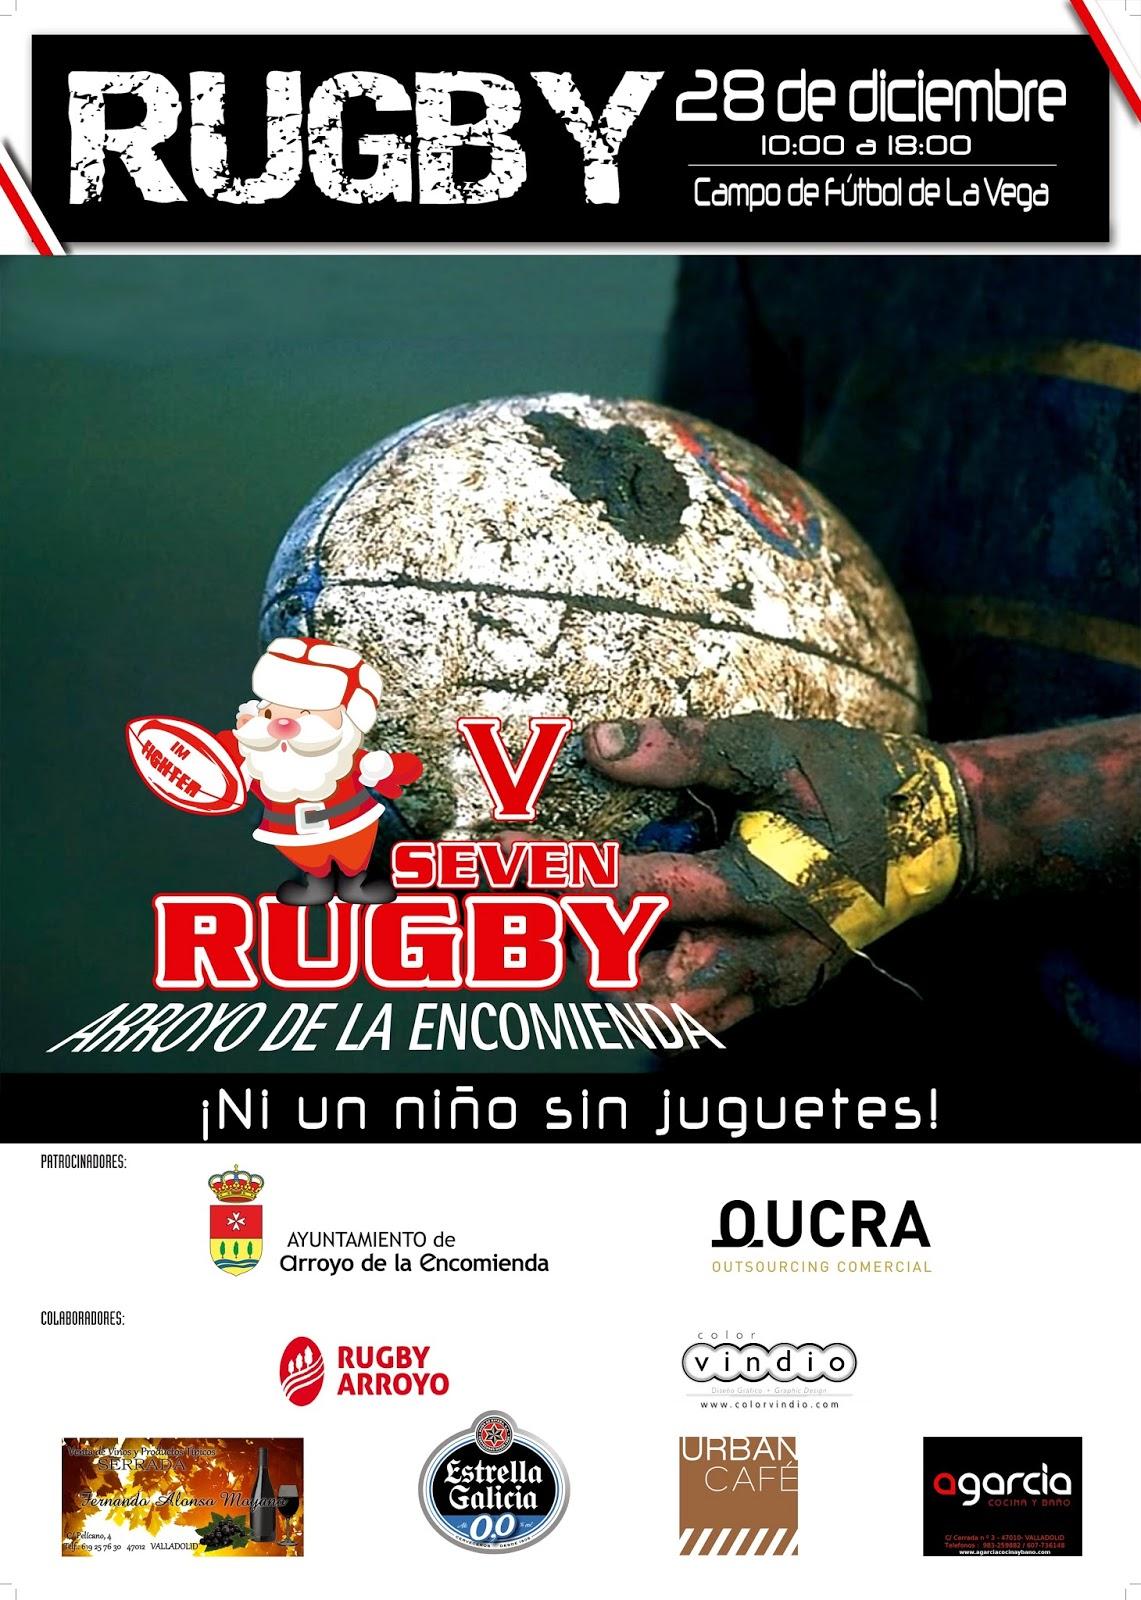 rugby Arroyo de la Encomienda Valladolid Banco del tiempo